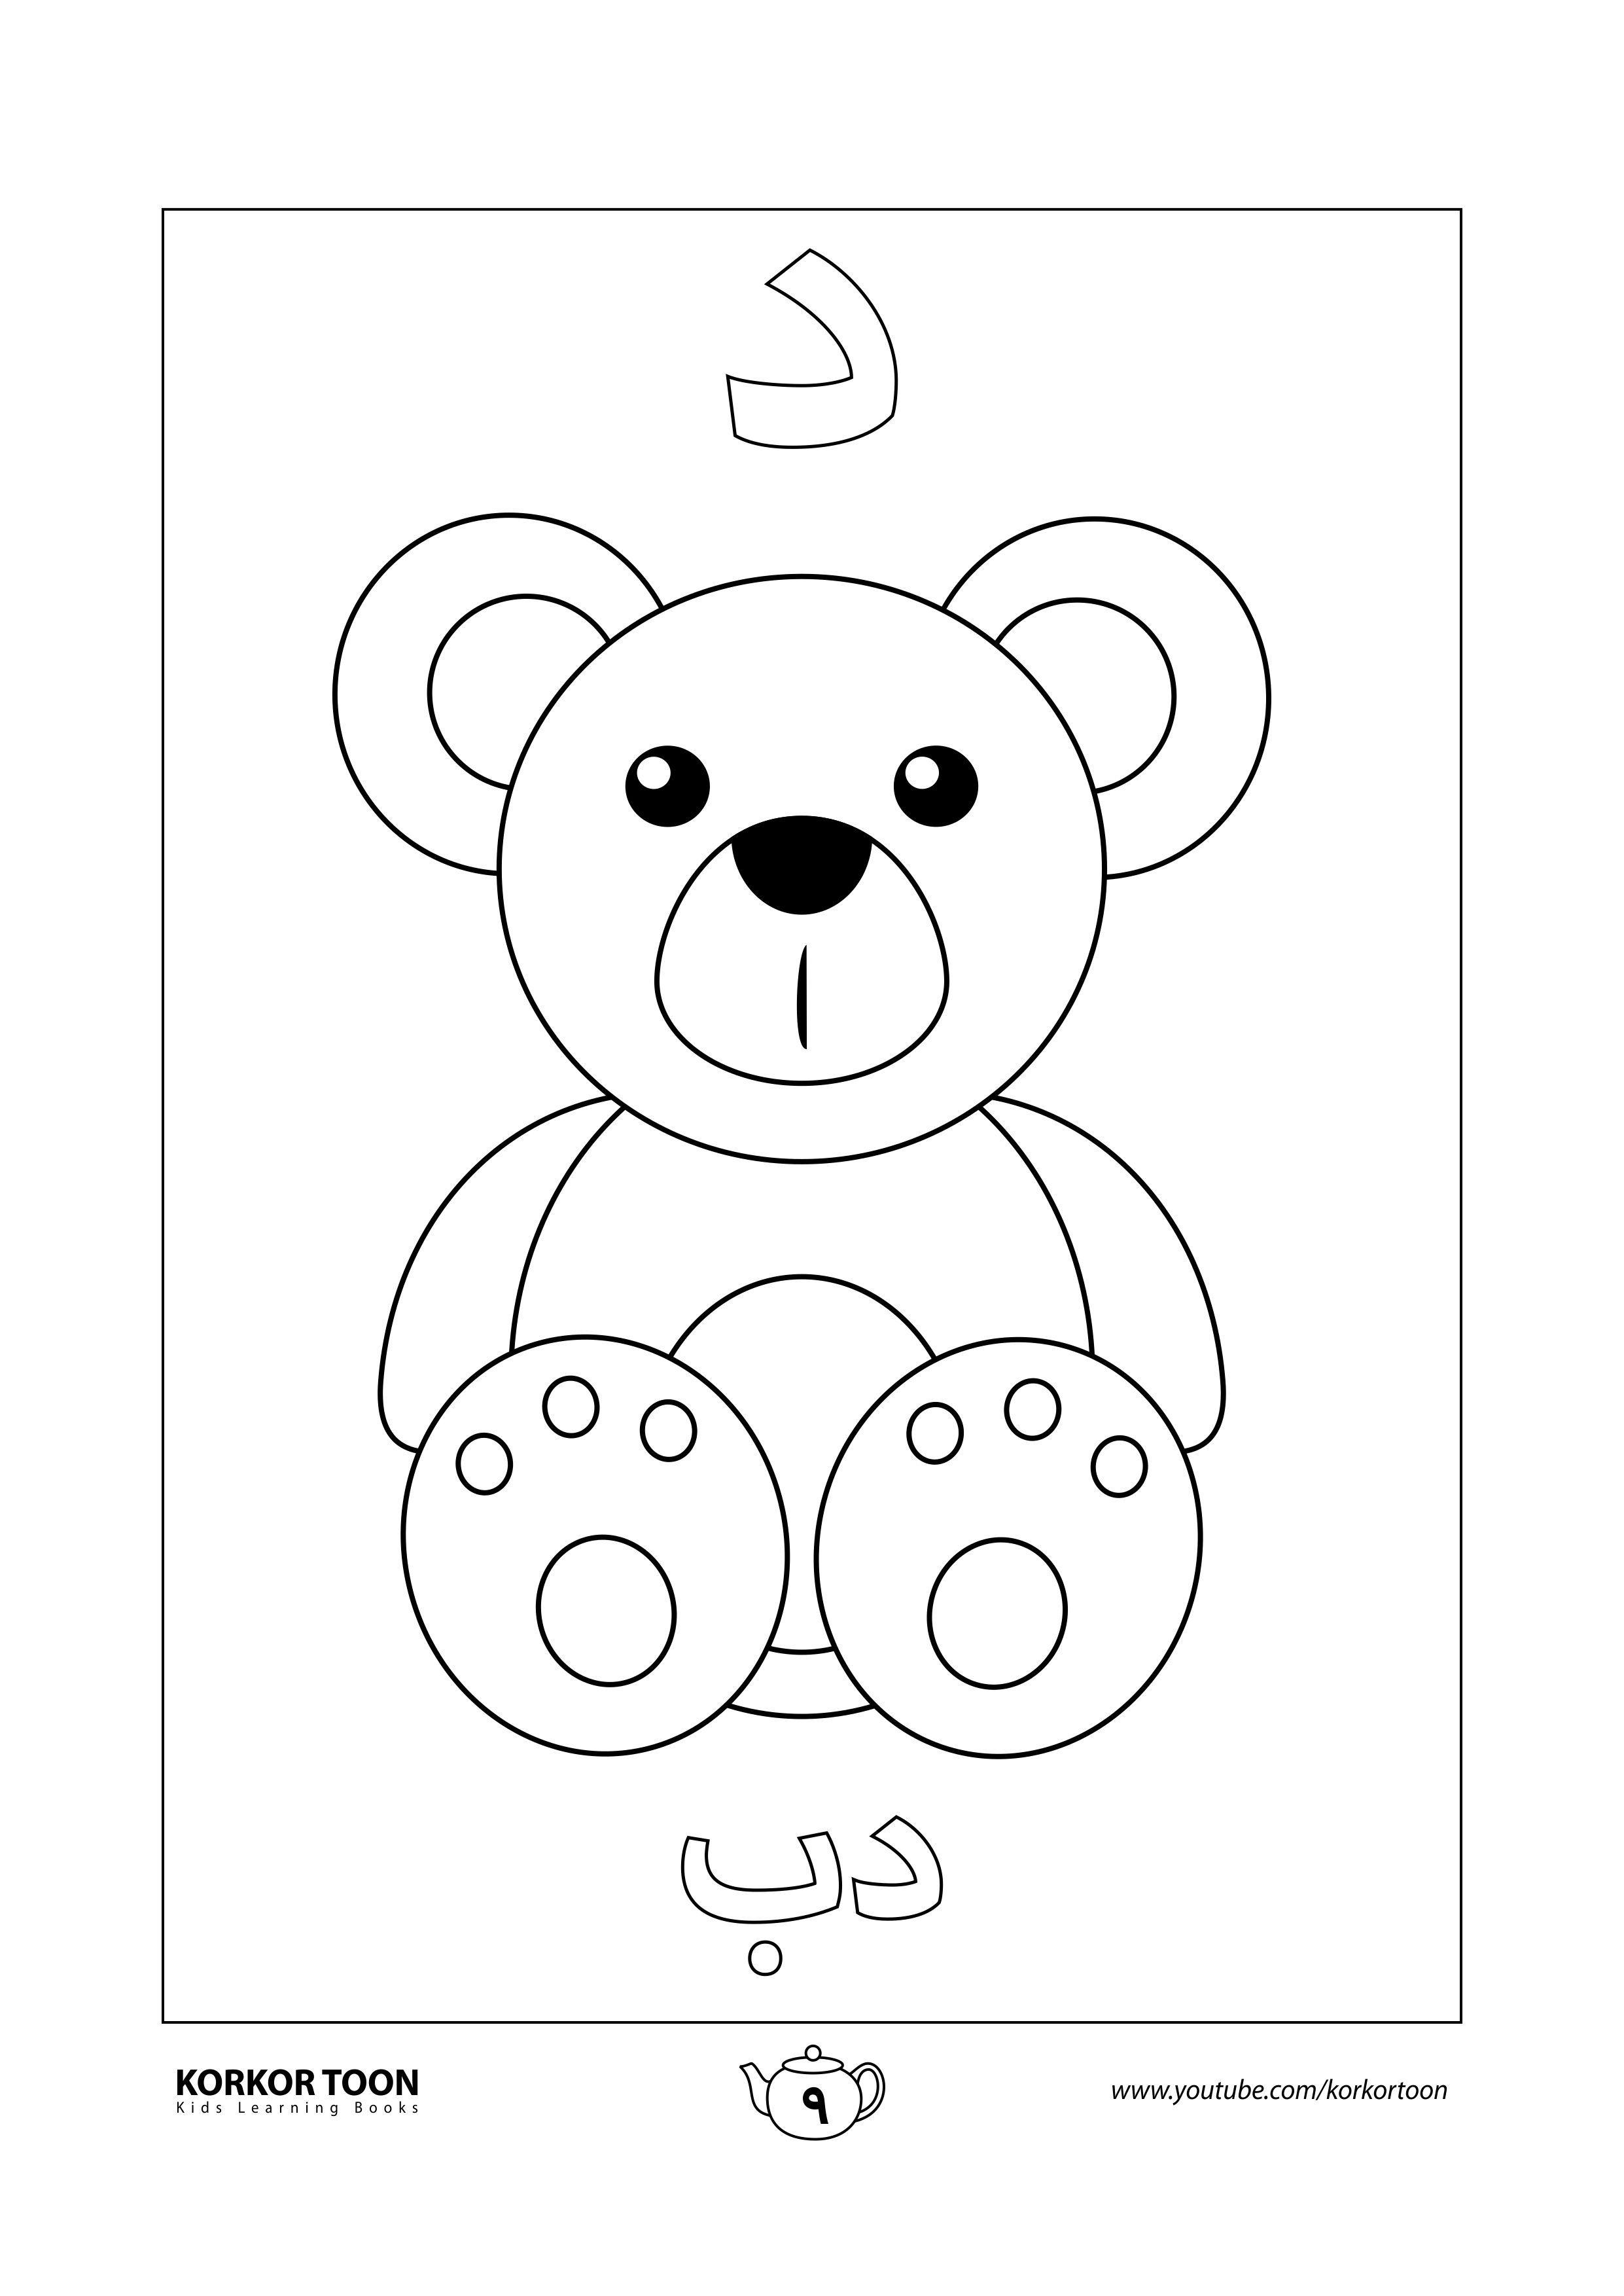 صفحة تلوين حرف الدال كتاب تلوين الحروف العربية للأطفال Art Activities For Kids Art Activities Learning Arabic